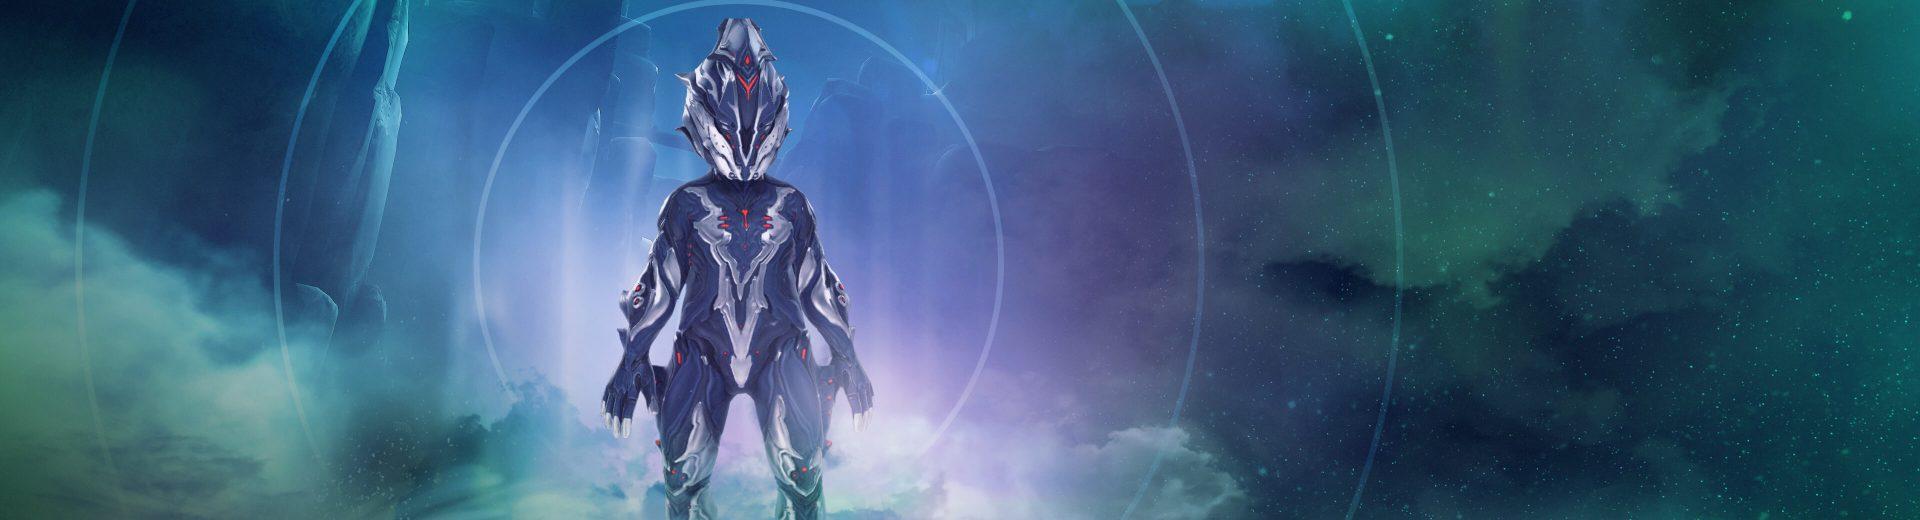 Warframe Avatar